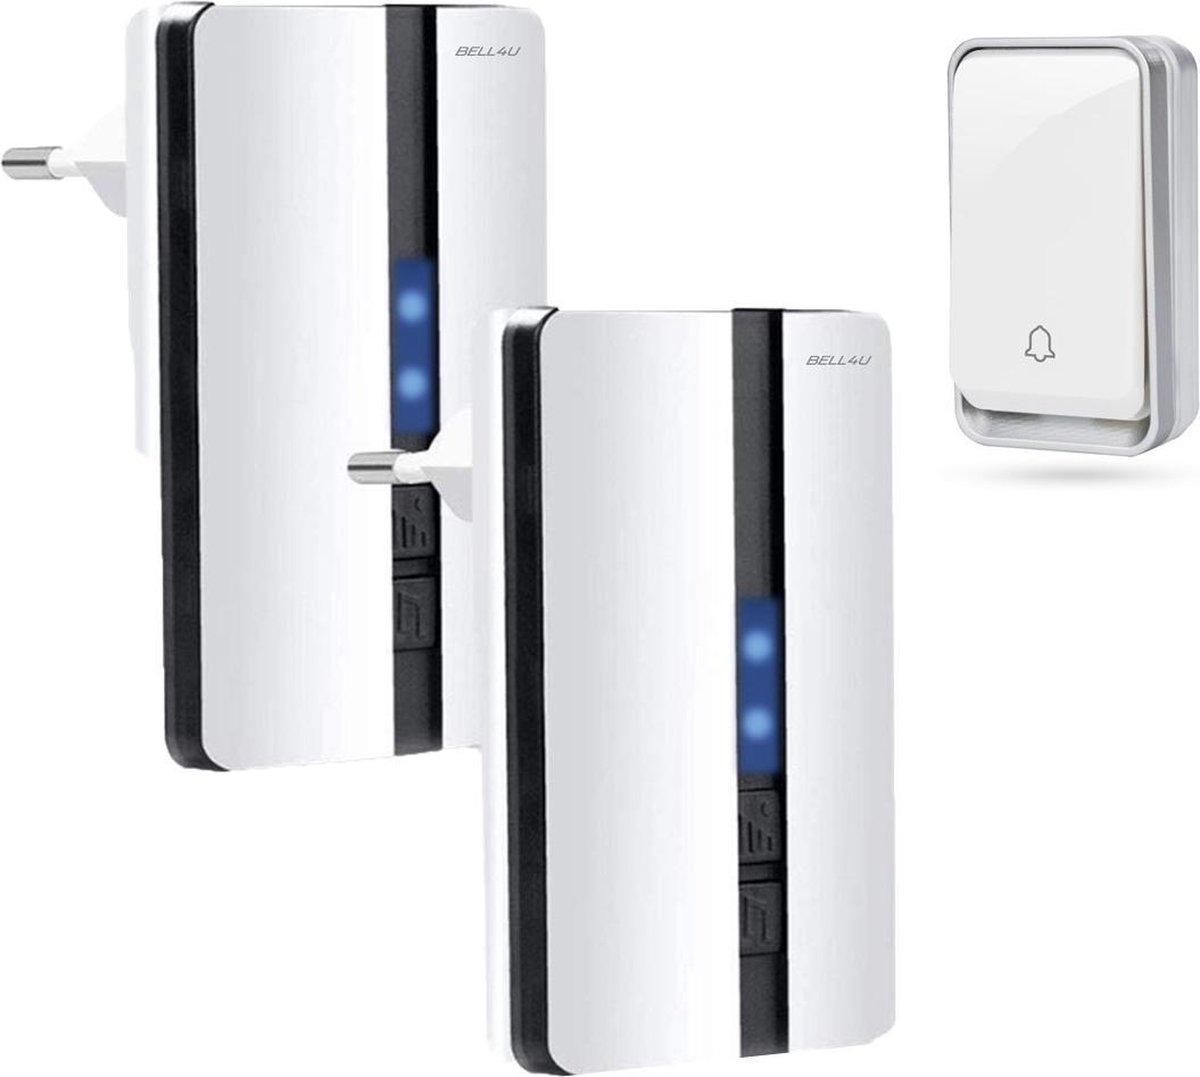 Bell4U® Luxe draadloze deurbel, waarbij batterijen niet nodig zijn - plug & play - 2 ontvangers - Wi